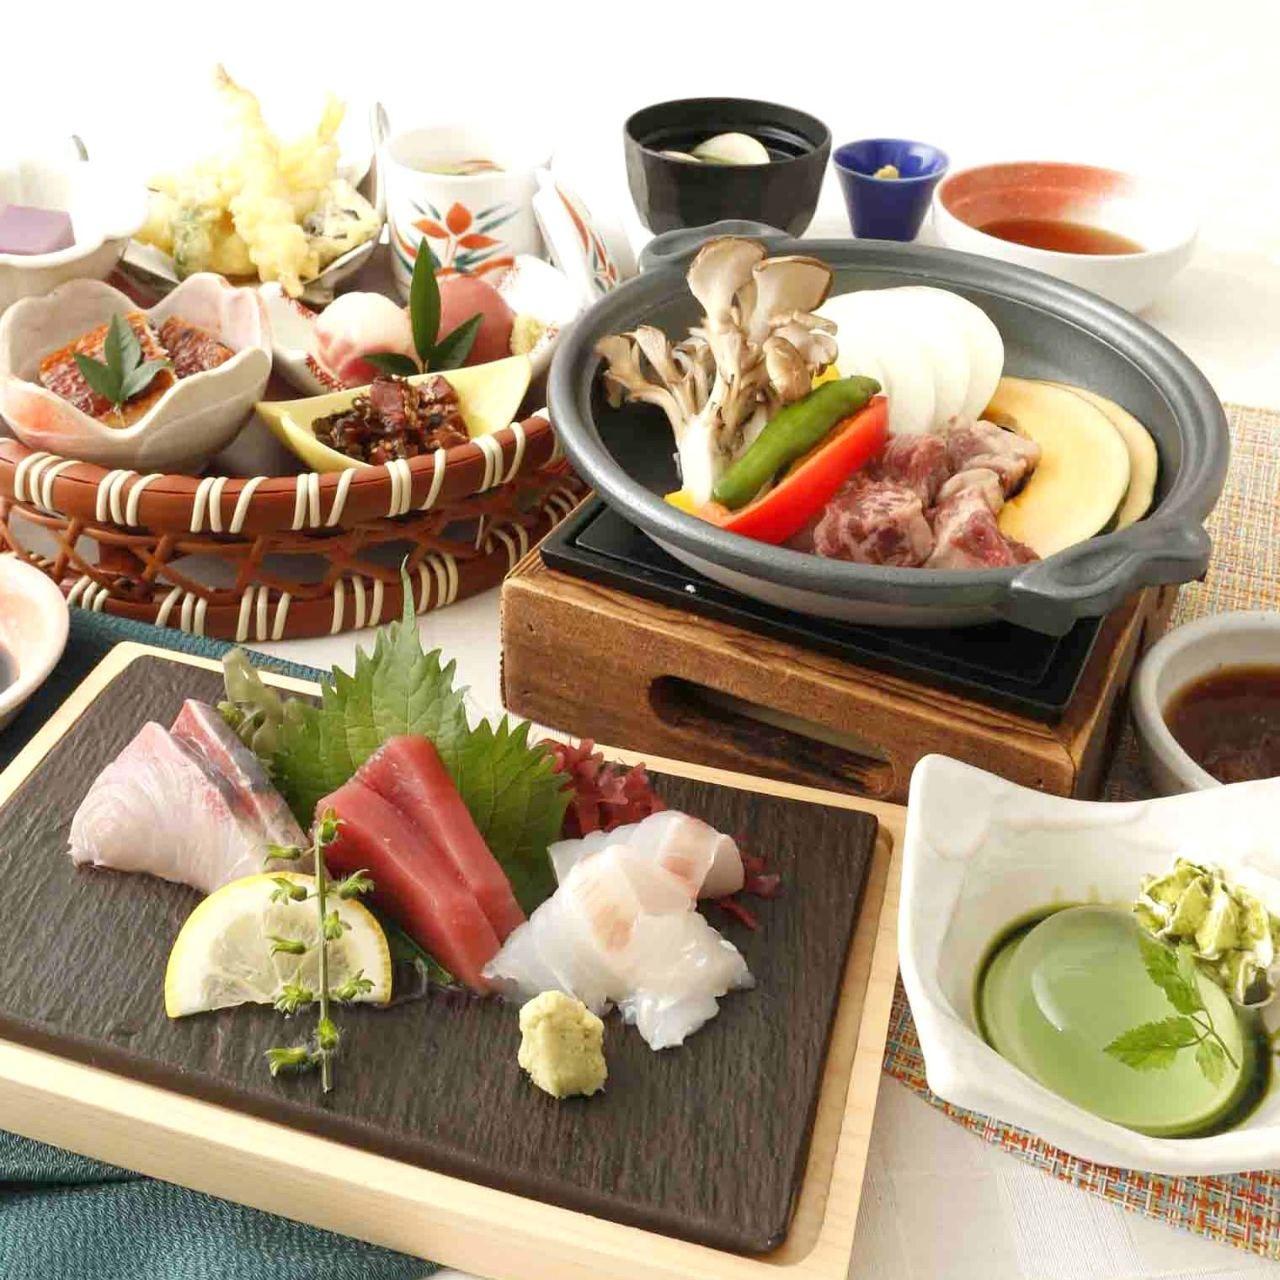 ●さくら【料理9品】牛サイコロ陶板焼・刺身盛り・手まり寿司・天ぷらも食べられる充実プラン♪